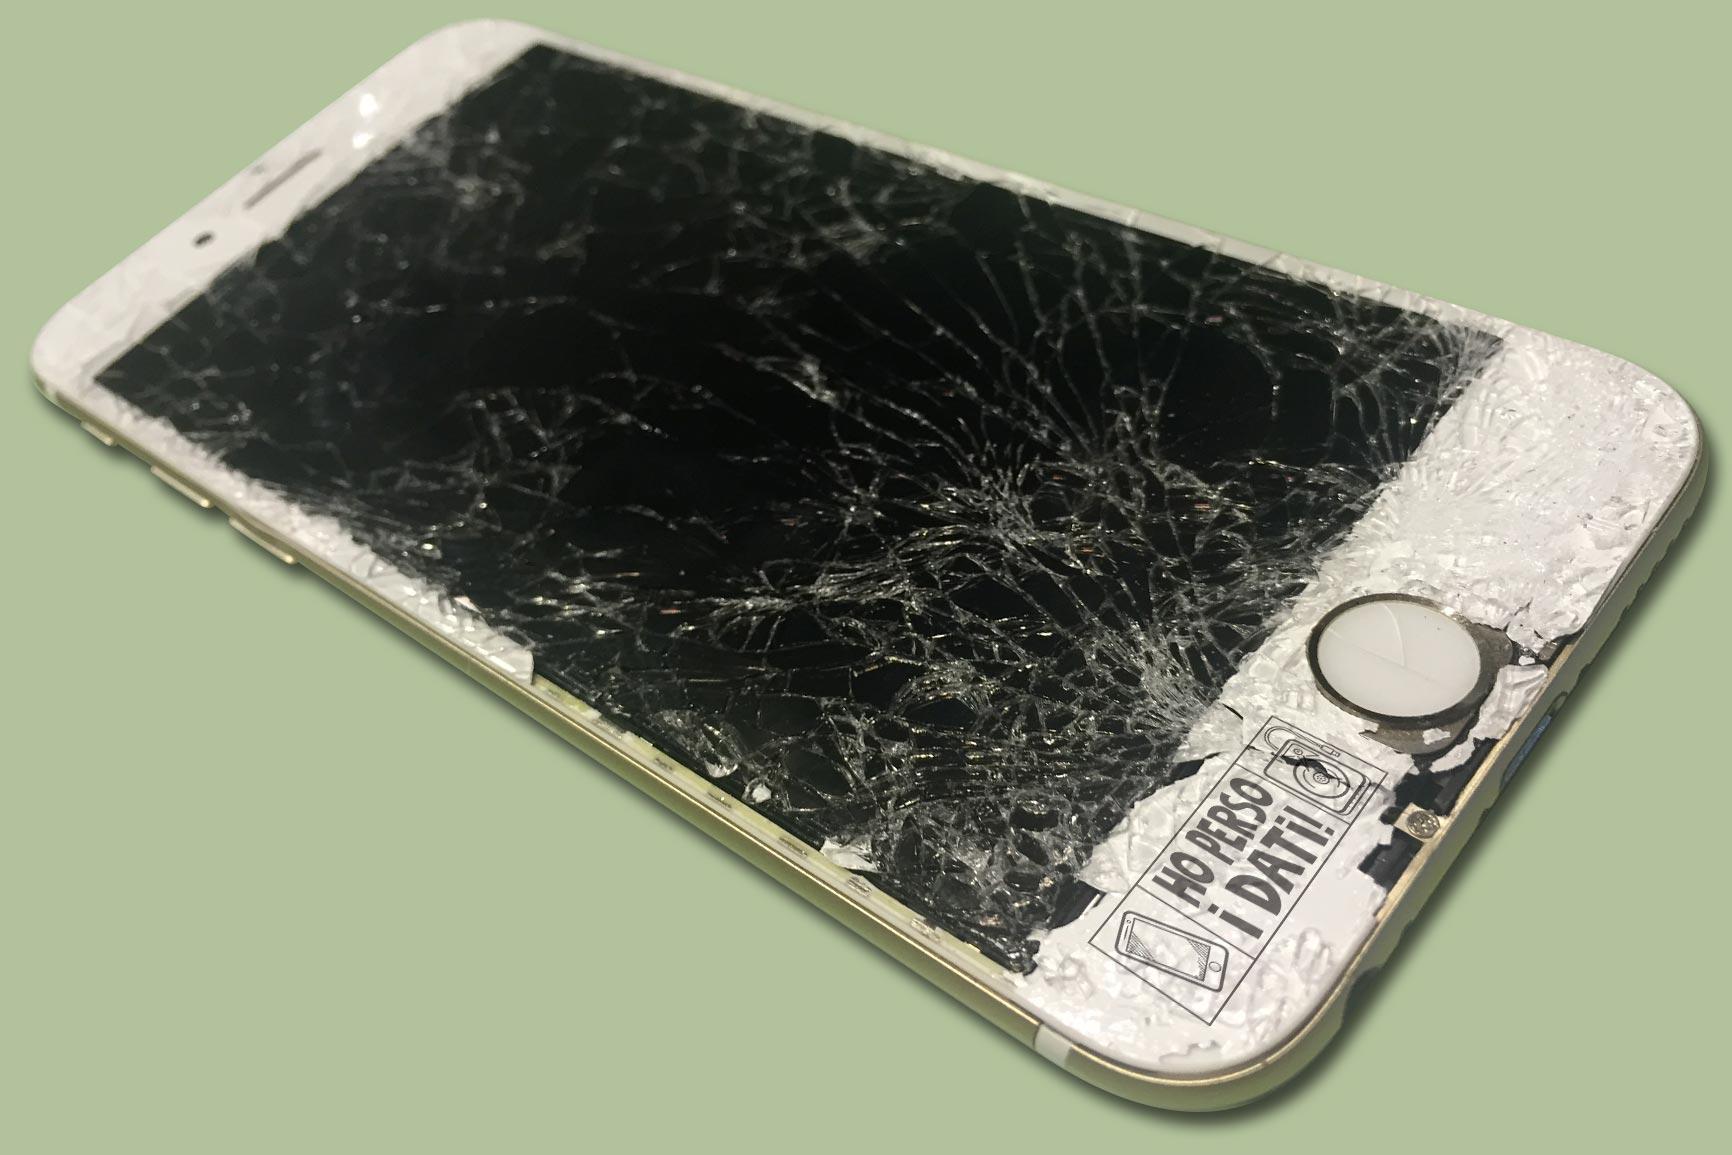 hopersoidati.it - recupero dati da smartphone - diagnosi gratuita e preventivo senza impegno - segui le istruzioni recupero dati